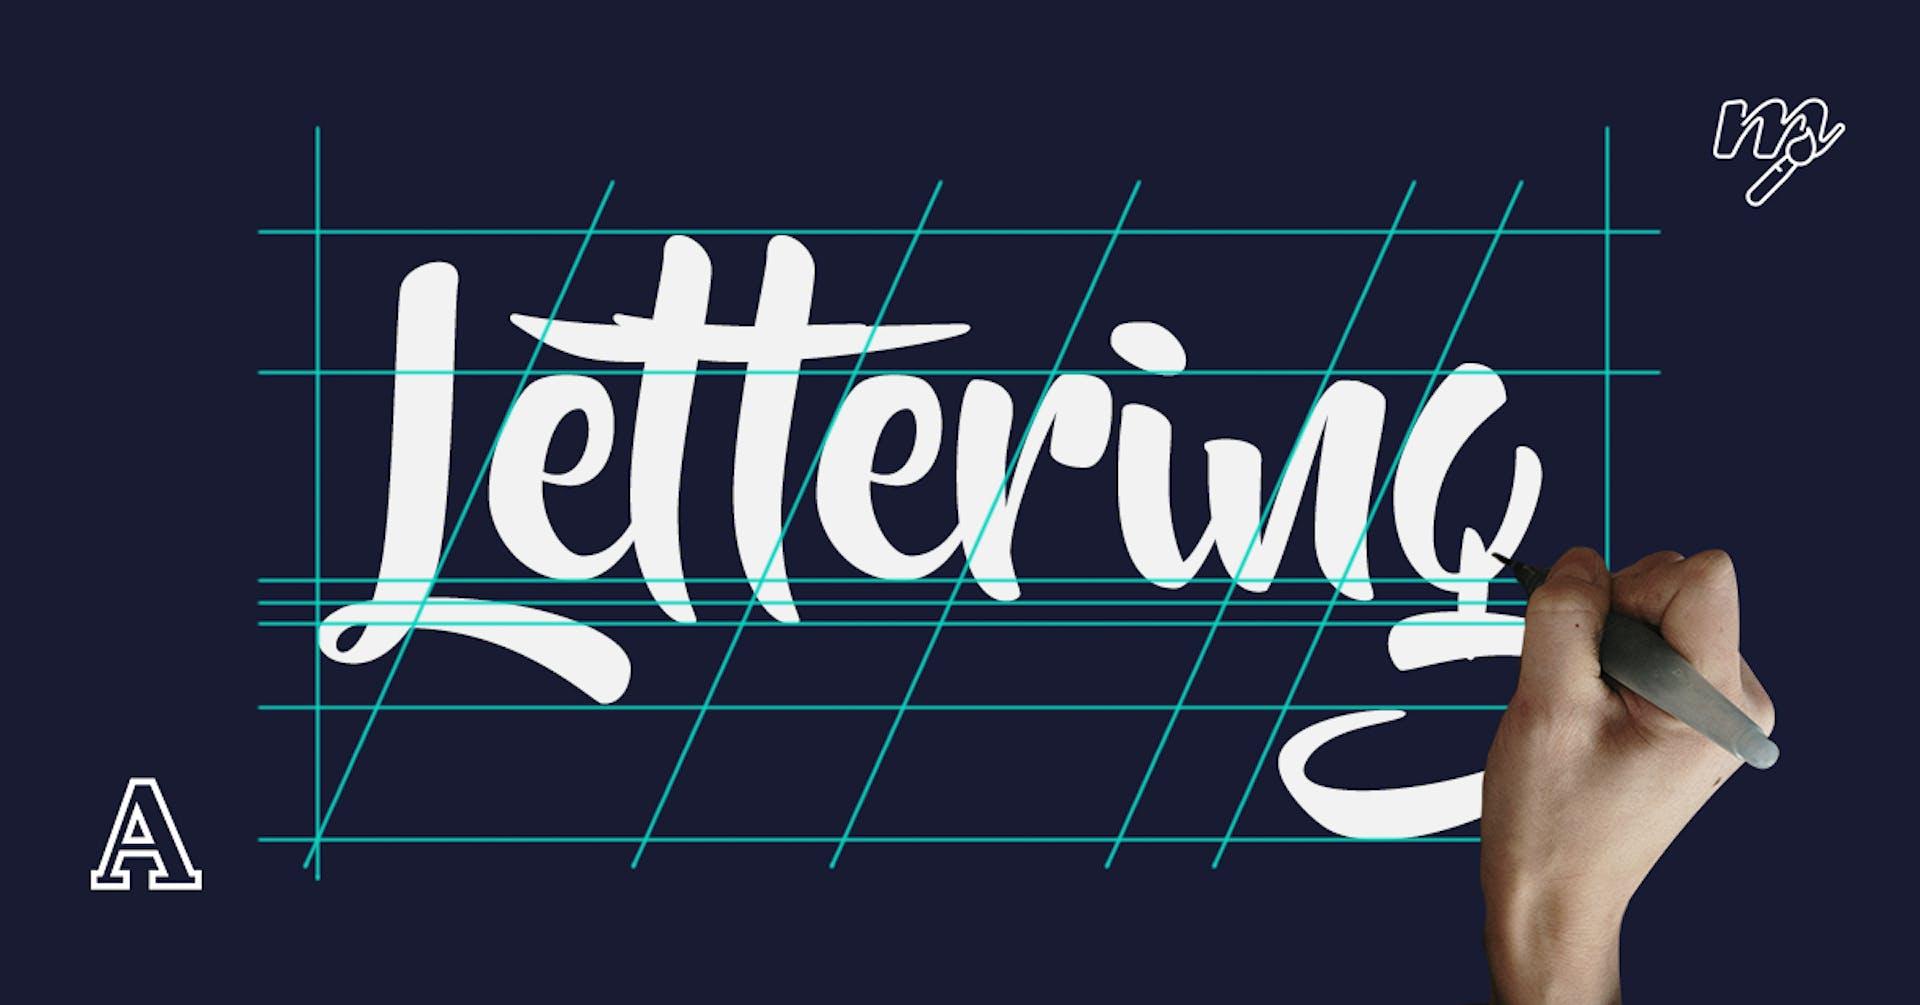 ¿Cómo escribir bonito? Aprende a diseñar tus letras con lettering